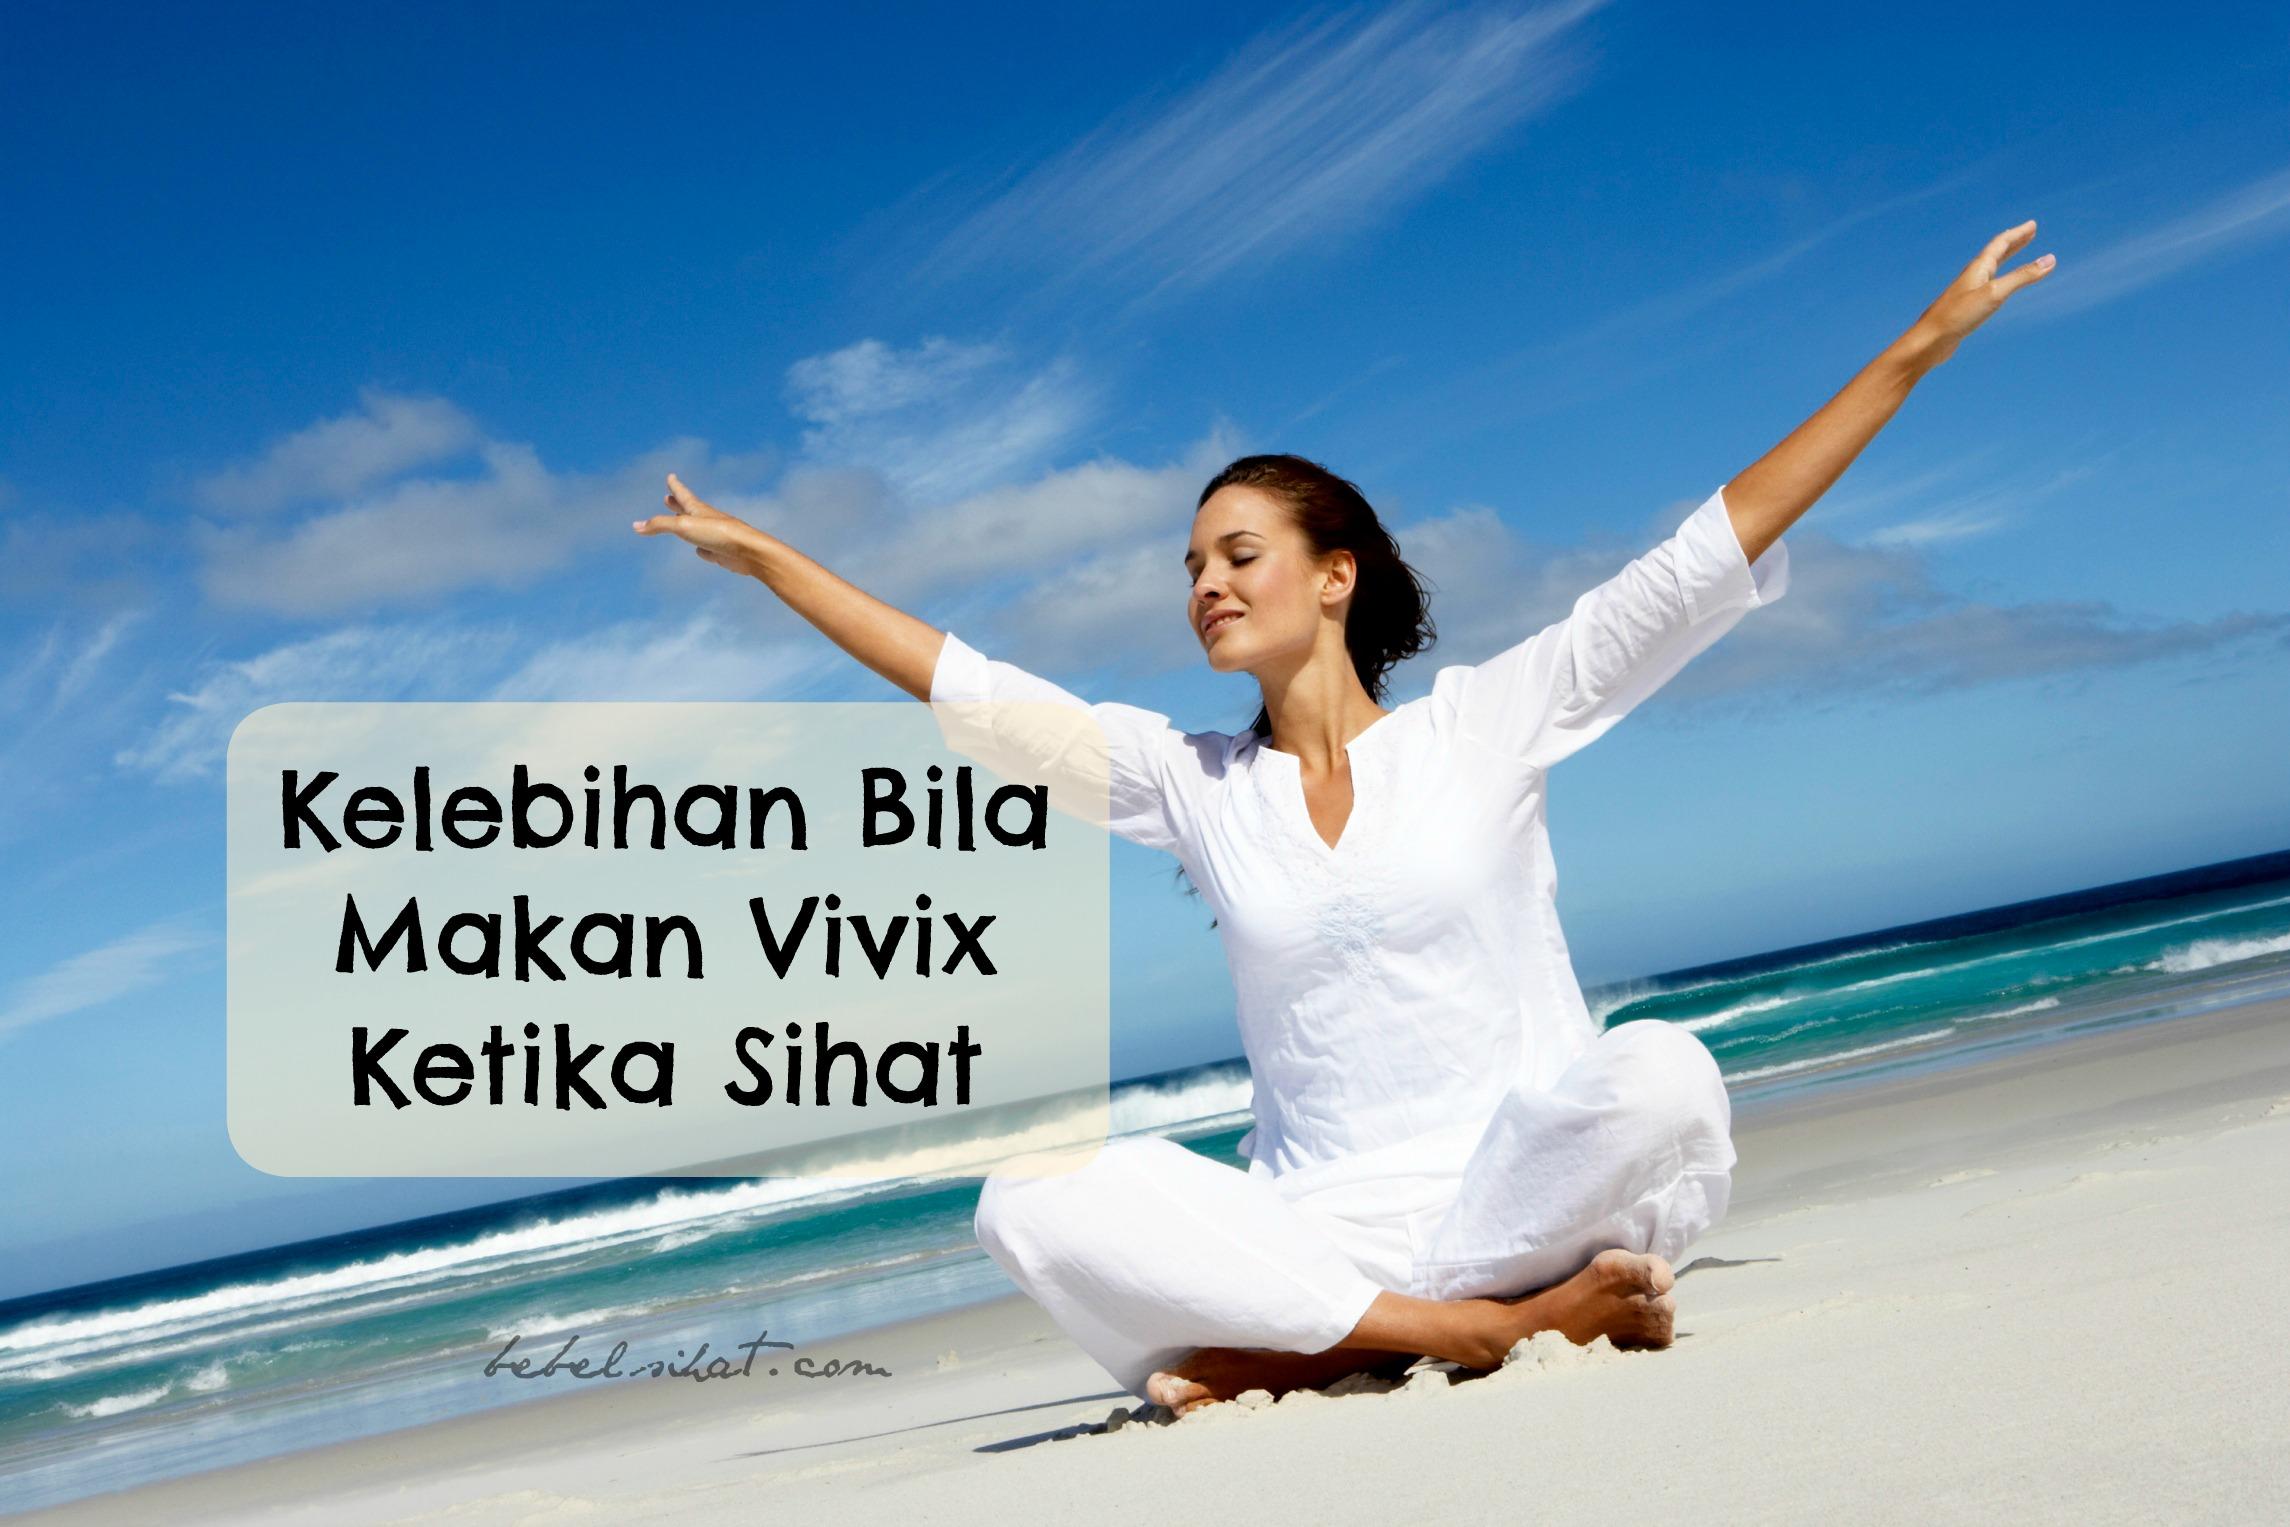 Kelebihan Bila Makan Vivix Ketika Sihat